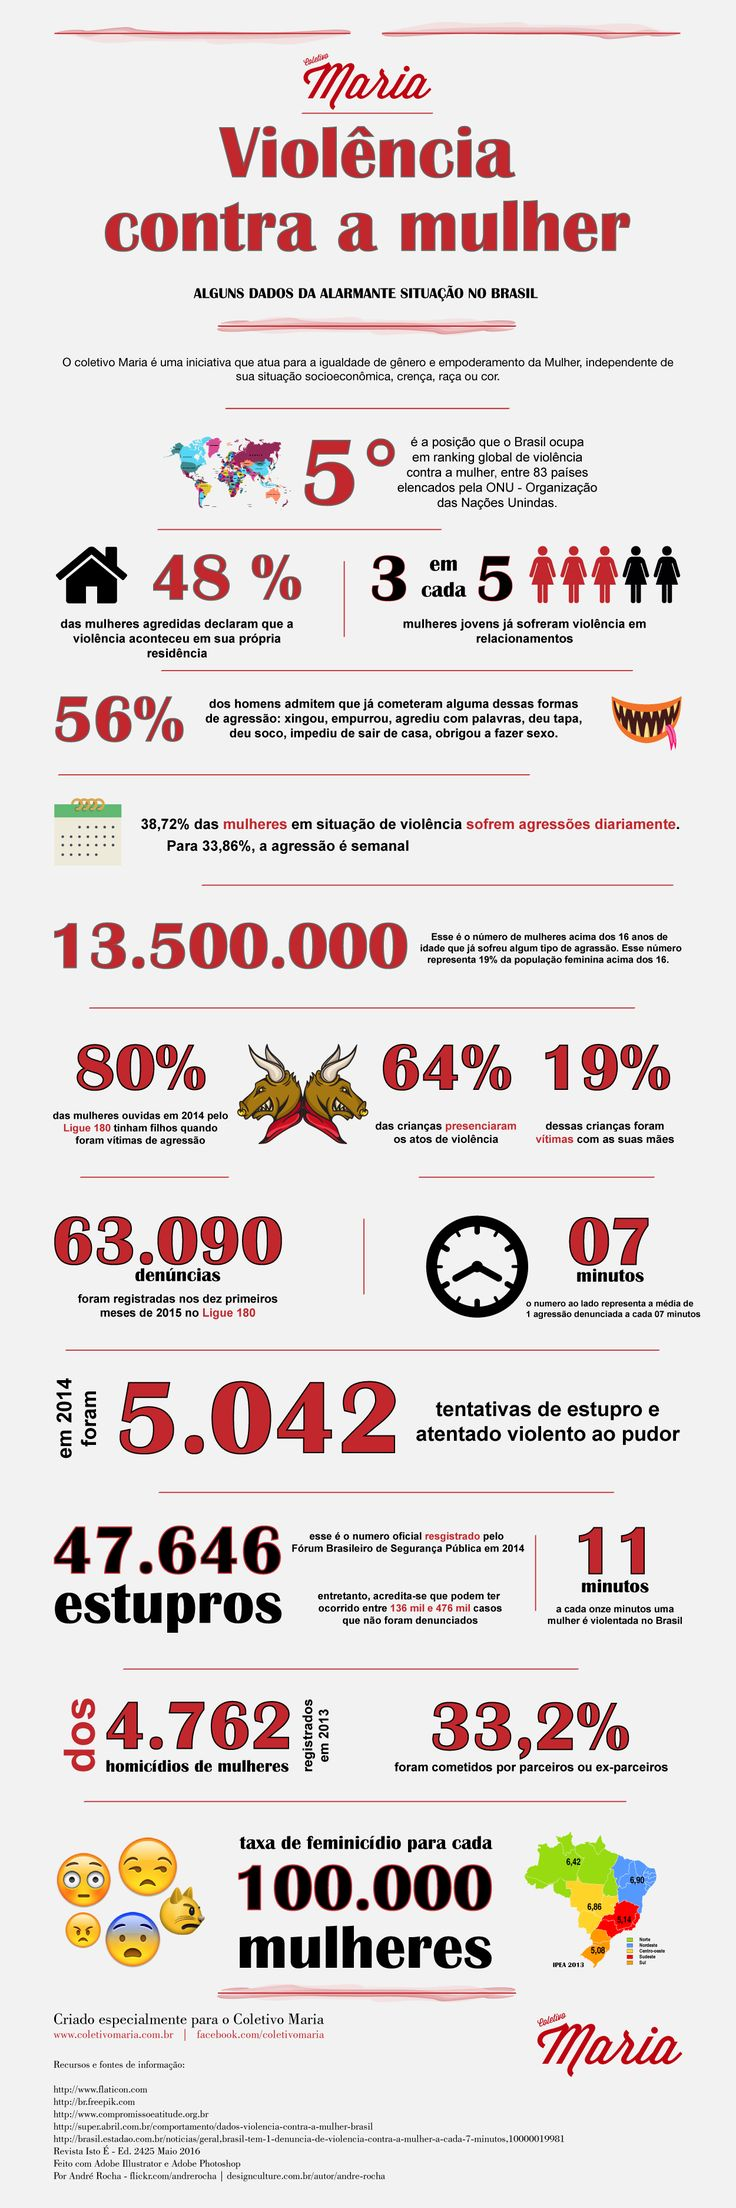 Infográfico desenvolvido para o Coletivo Maria - que atua pelo empoderamento da mulher e igualdade de gênero